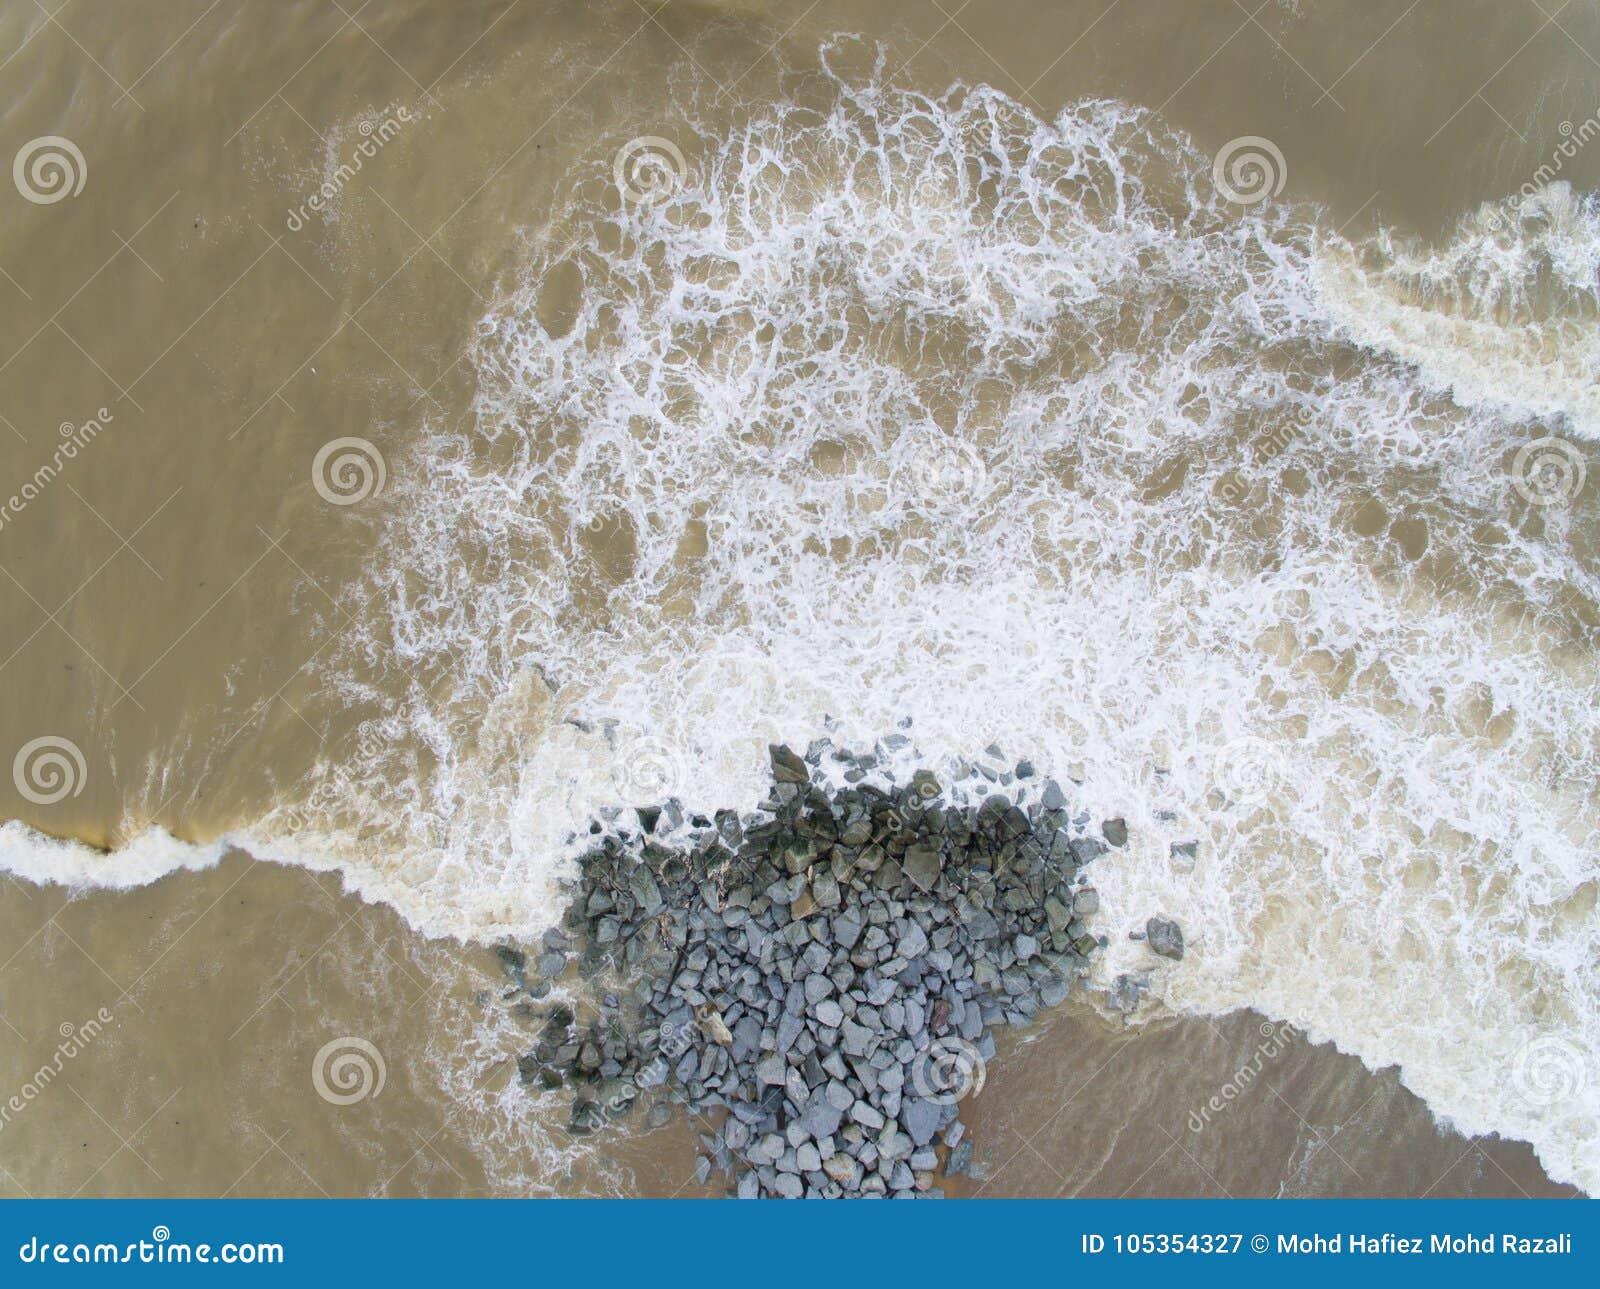 La vista superior aérea del mar agita golpeando rocas en la playa en el cahaya de Pantai bulan